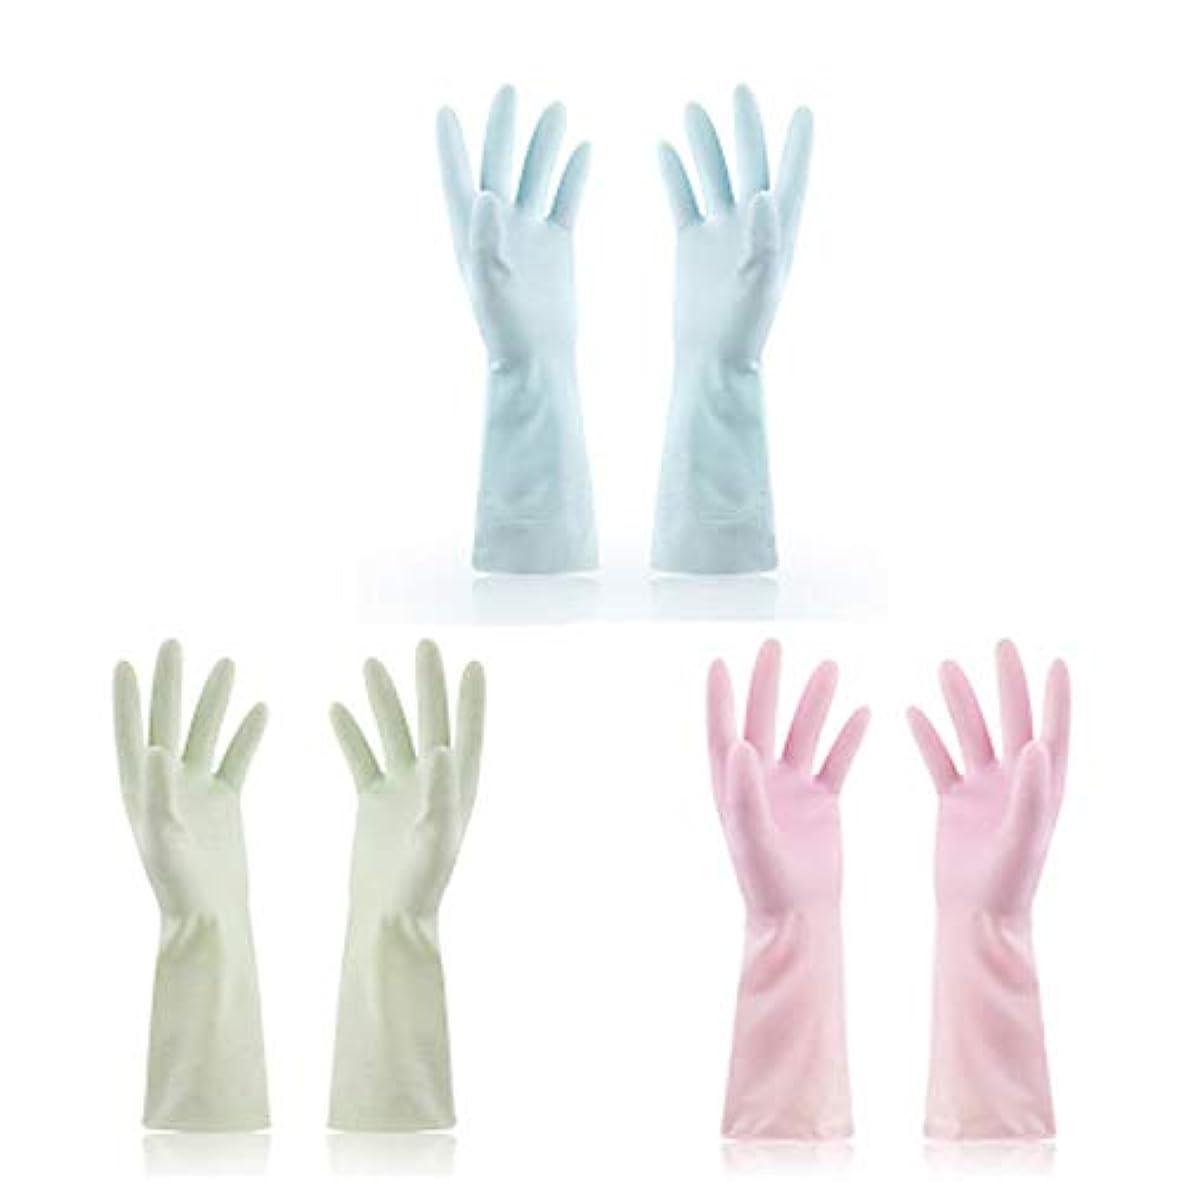 ねばねばバイオレット鹿使い捨て手袋 使い捨て手袋防水ラテックス焦げ付き防止ゴム製ゴム製台所手袋、3組 ニトリルゴム手袋 (Color : Multi-colored, Size : M)